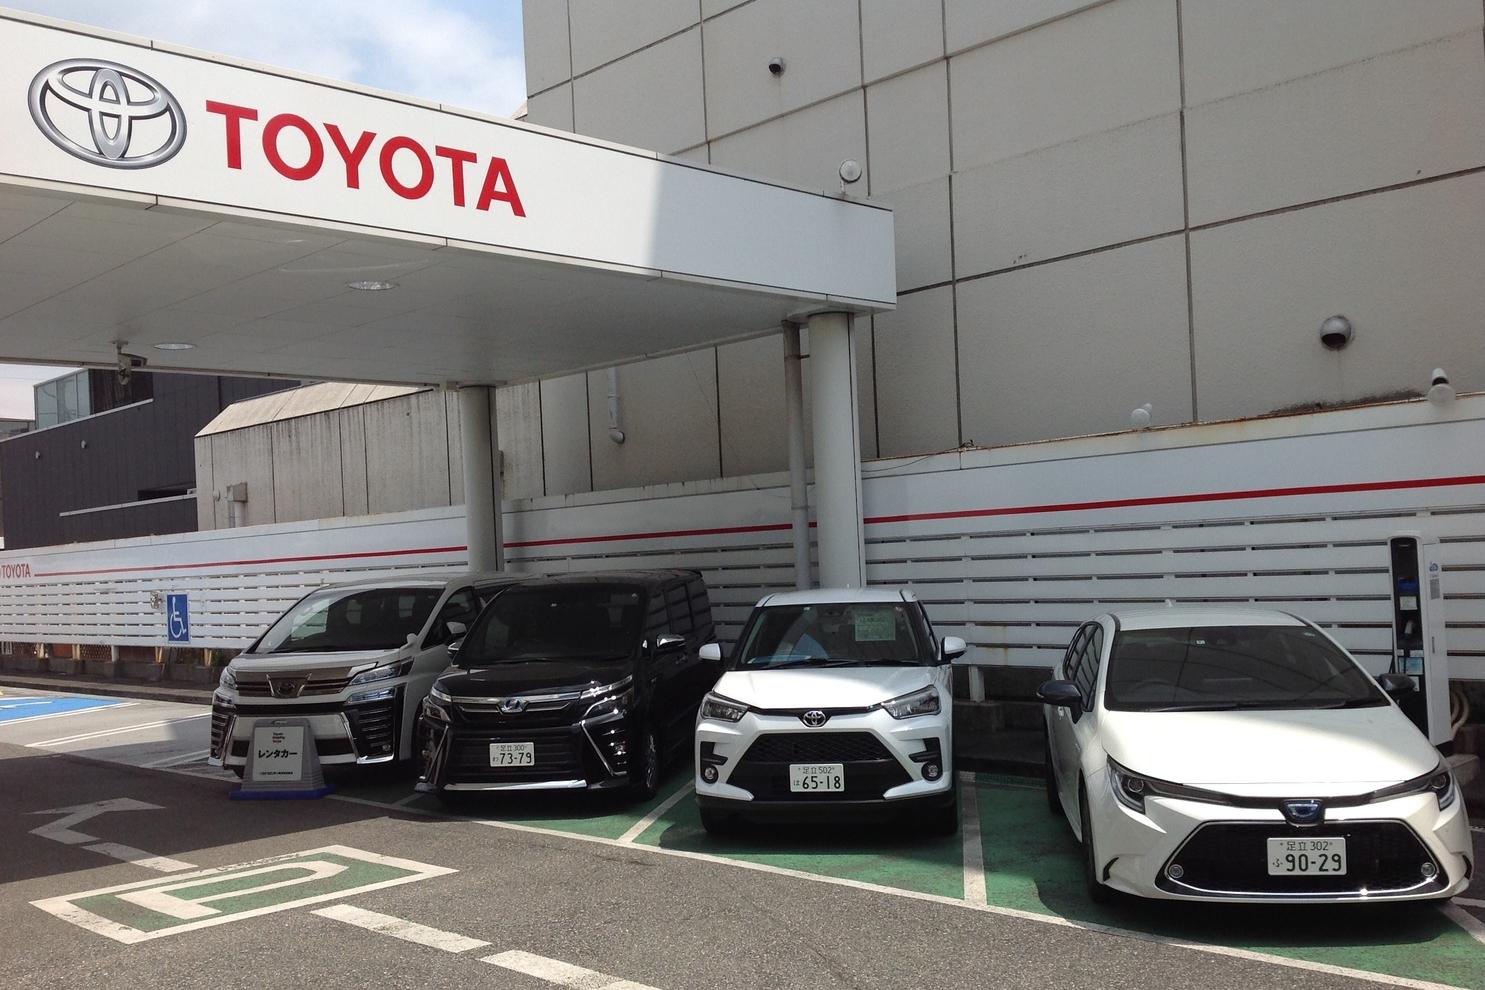 中古 トヨタ 車 東京 モビリティ